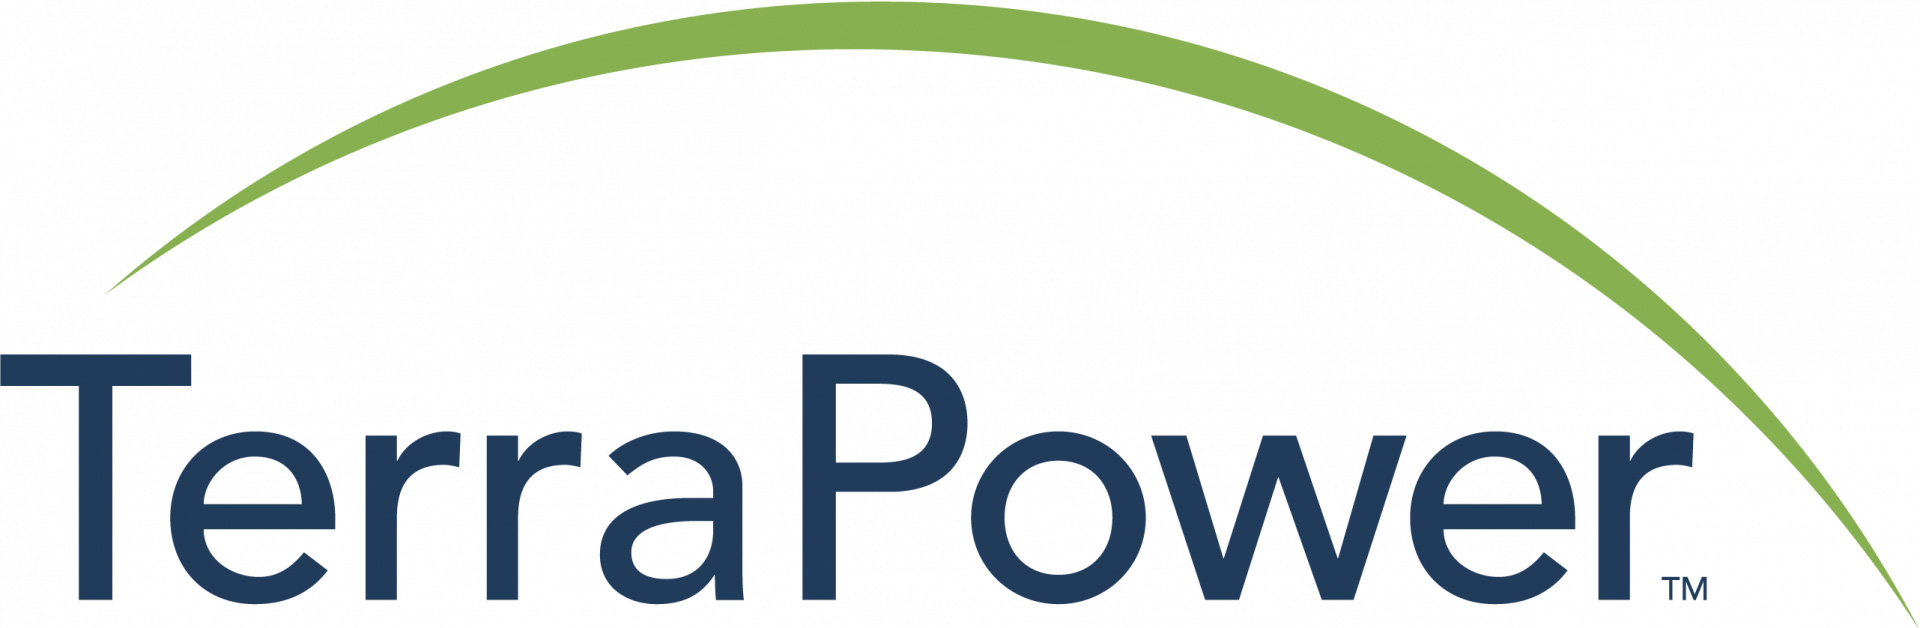 TerraPower